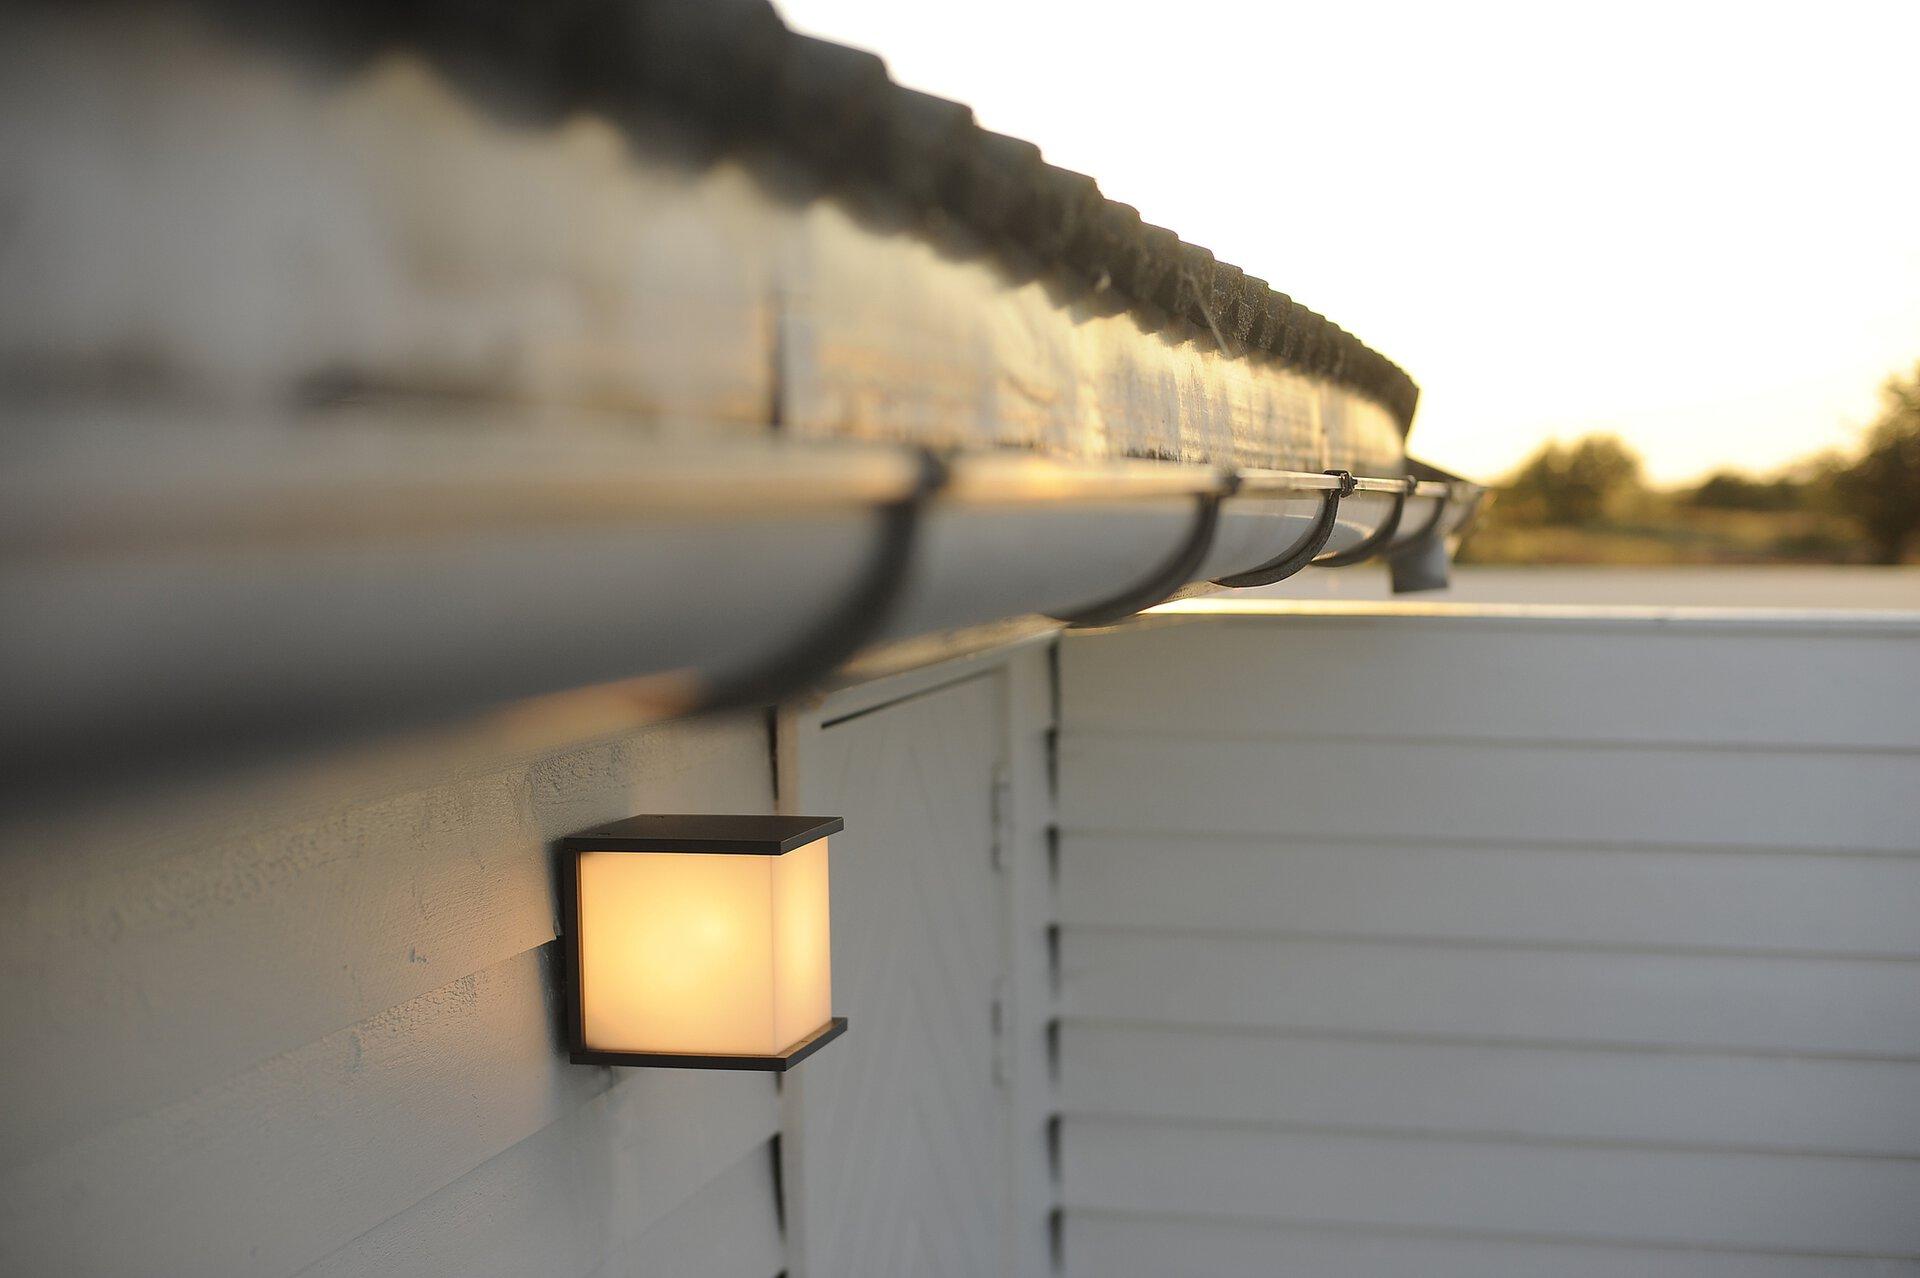 Wand-Aussenleuchte BOX CUBE Eco-Light Metall 17 x 17 x 17 cm